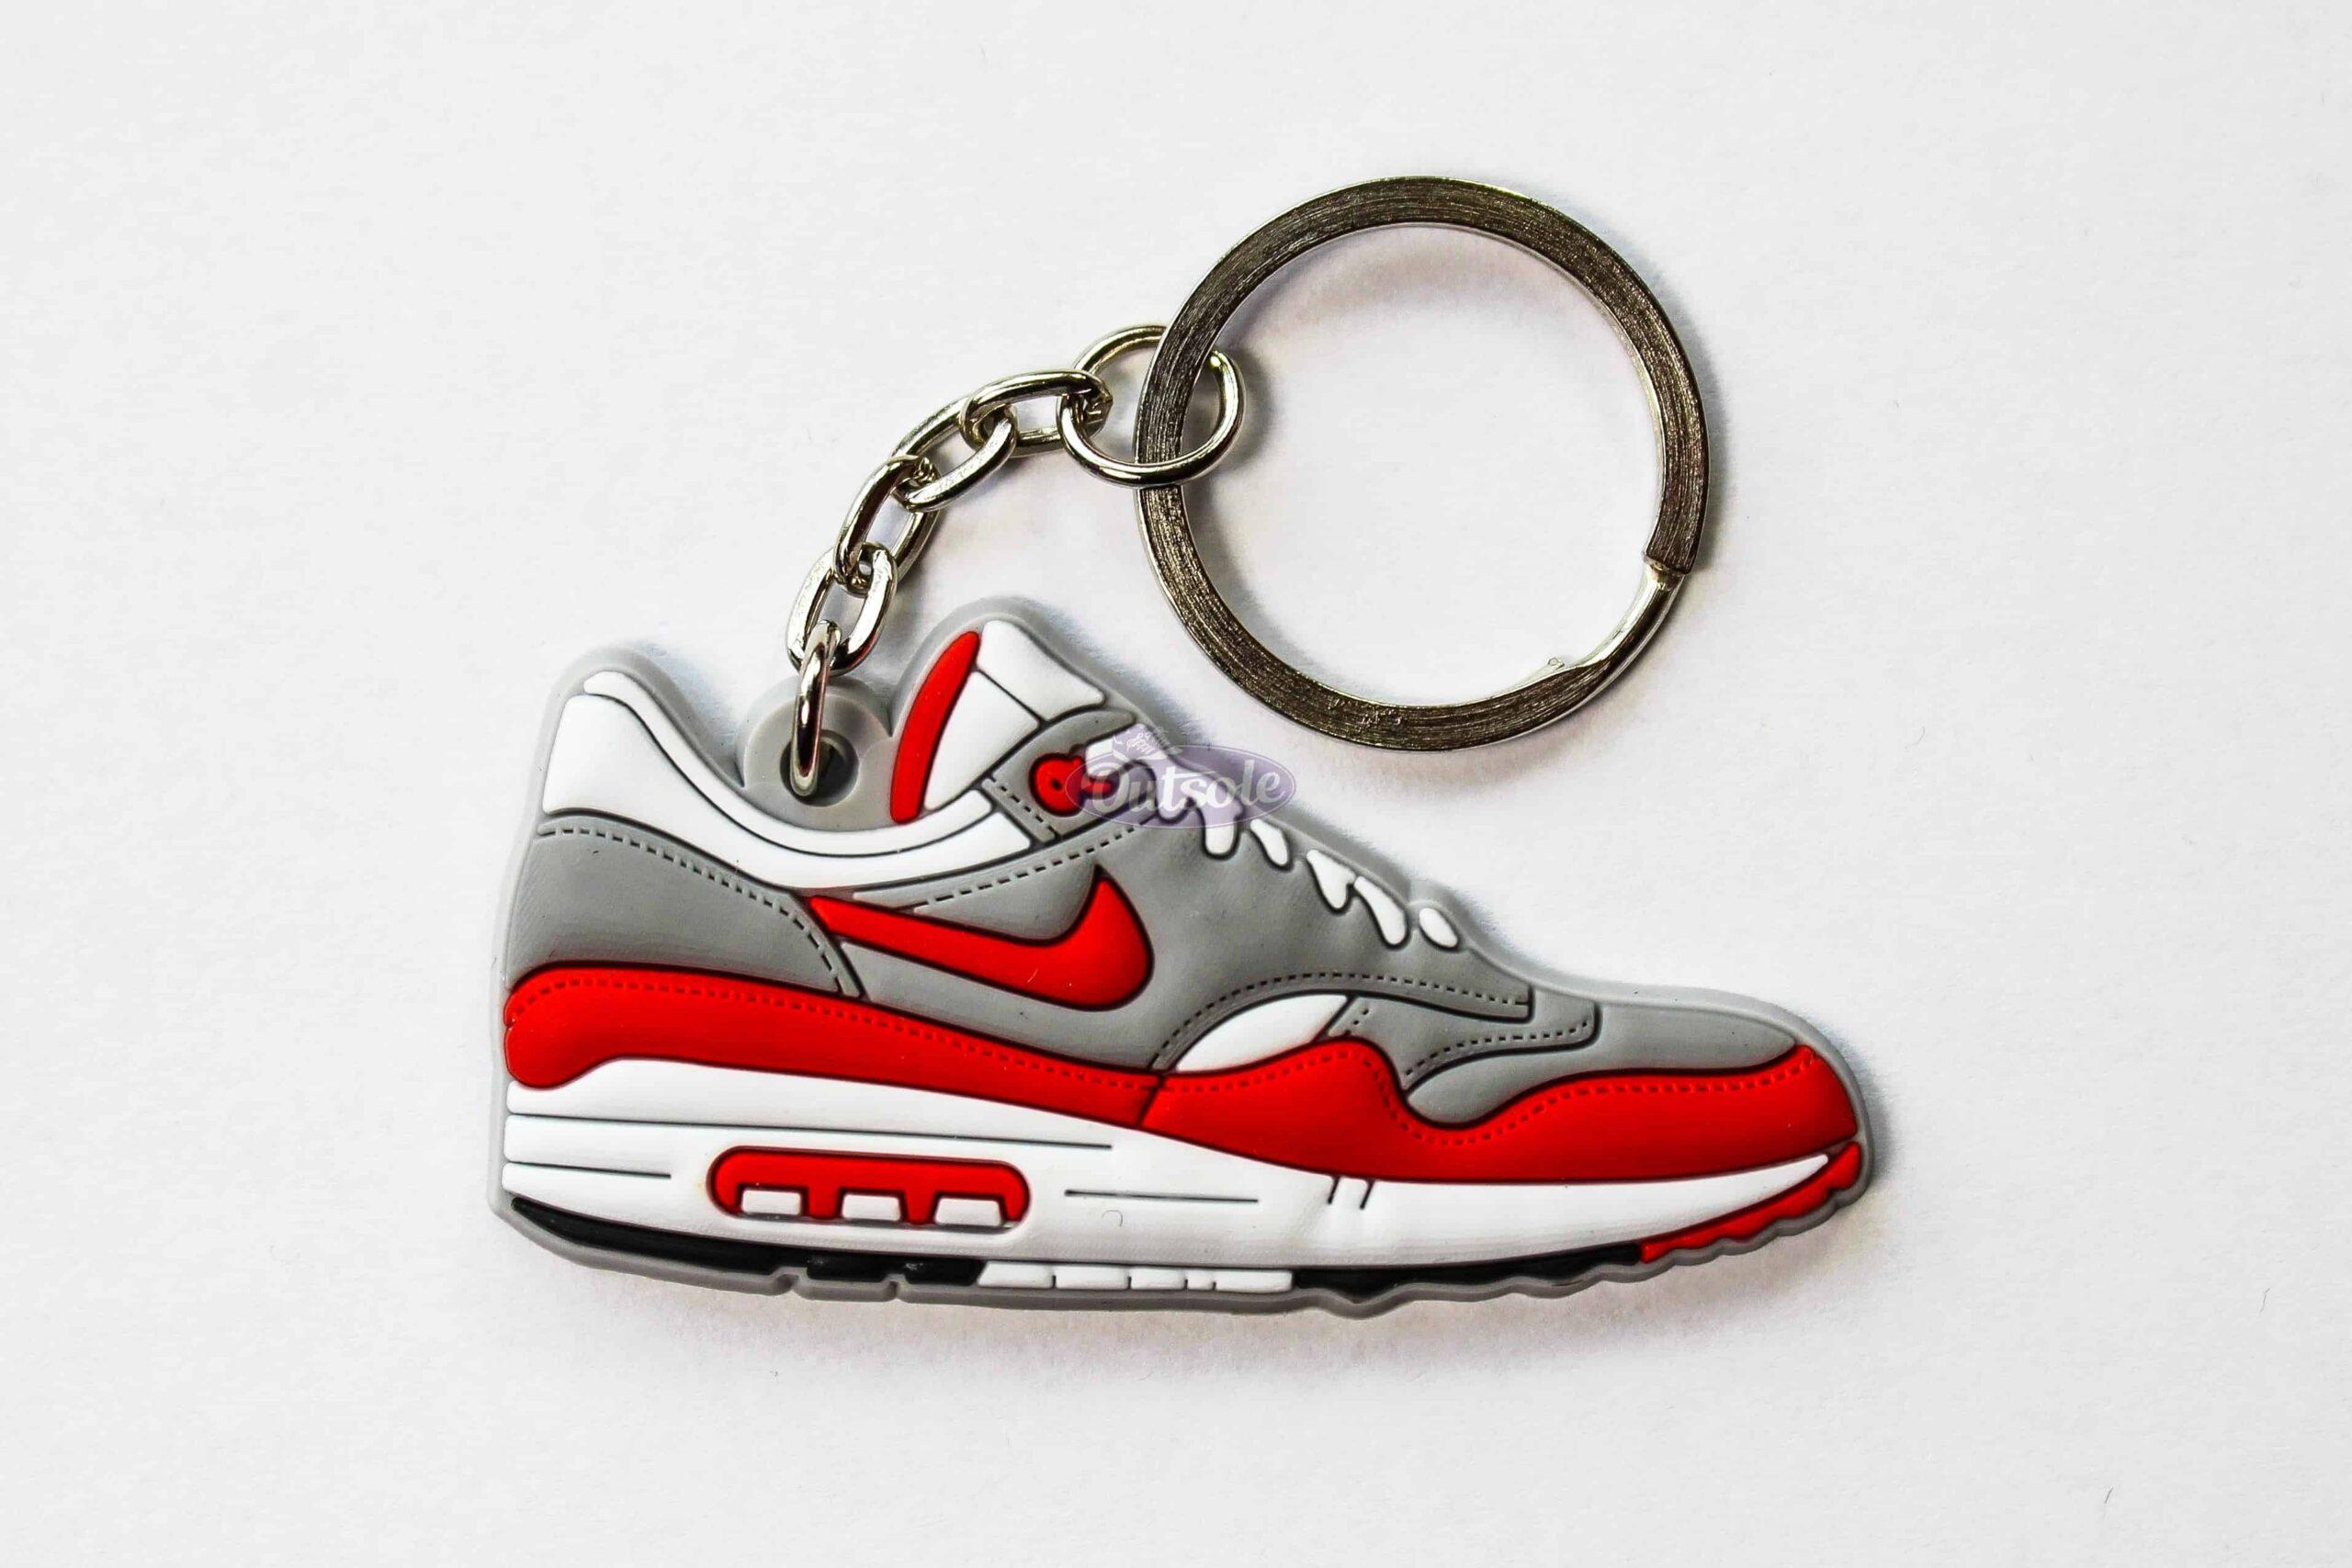 Nike Air Max 1 OG Red keychain